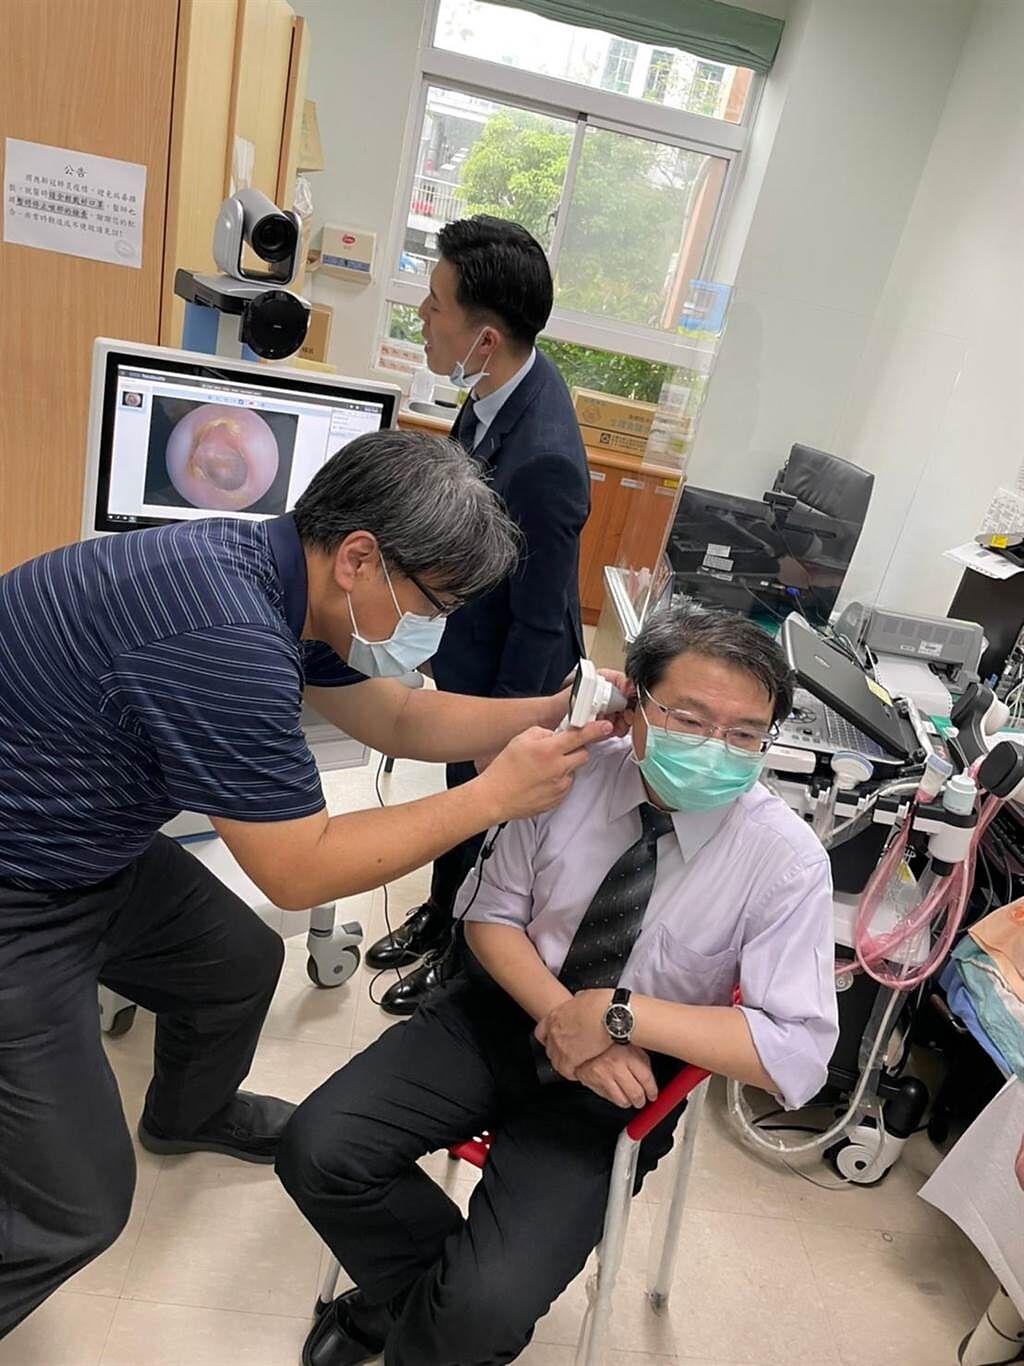 北荣携手研华科技  荣家远距医疗照护再提升